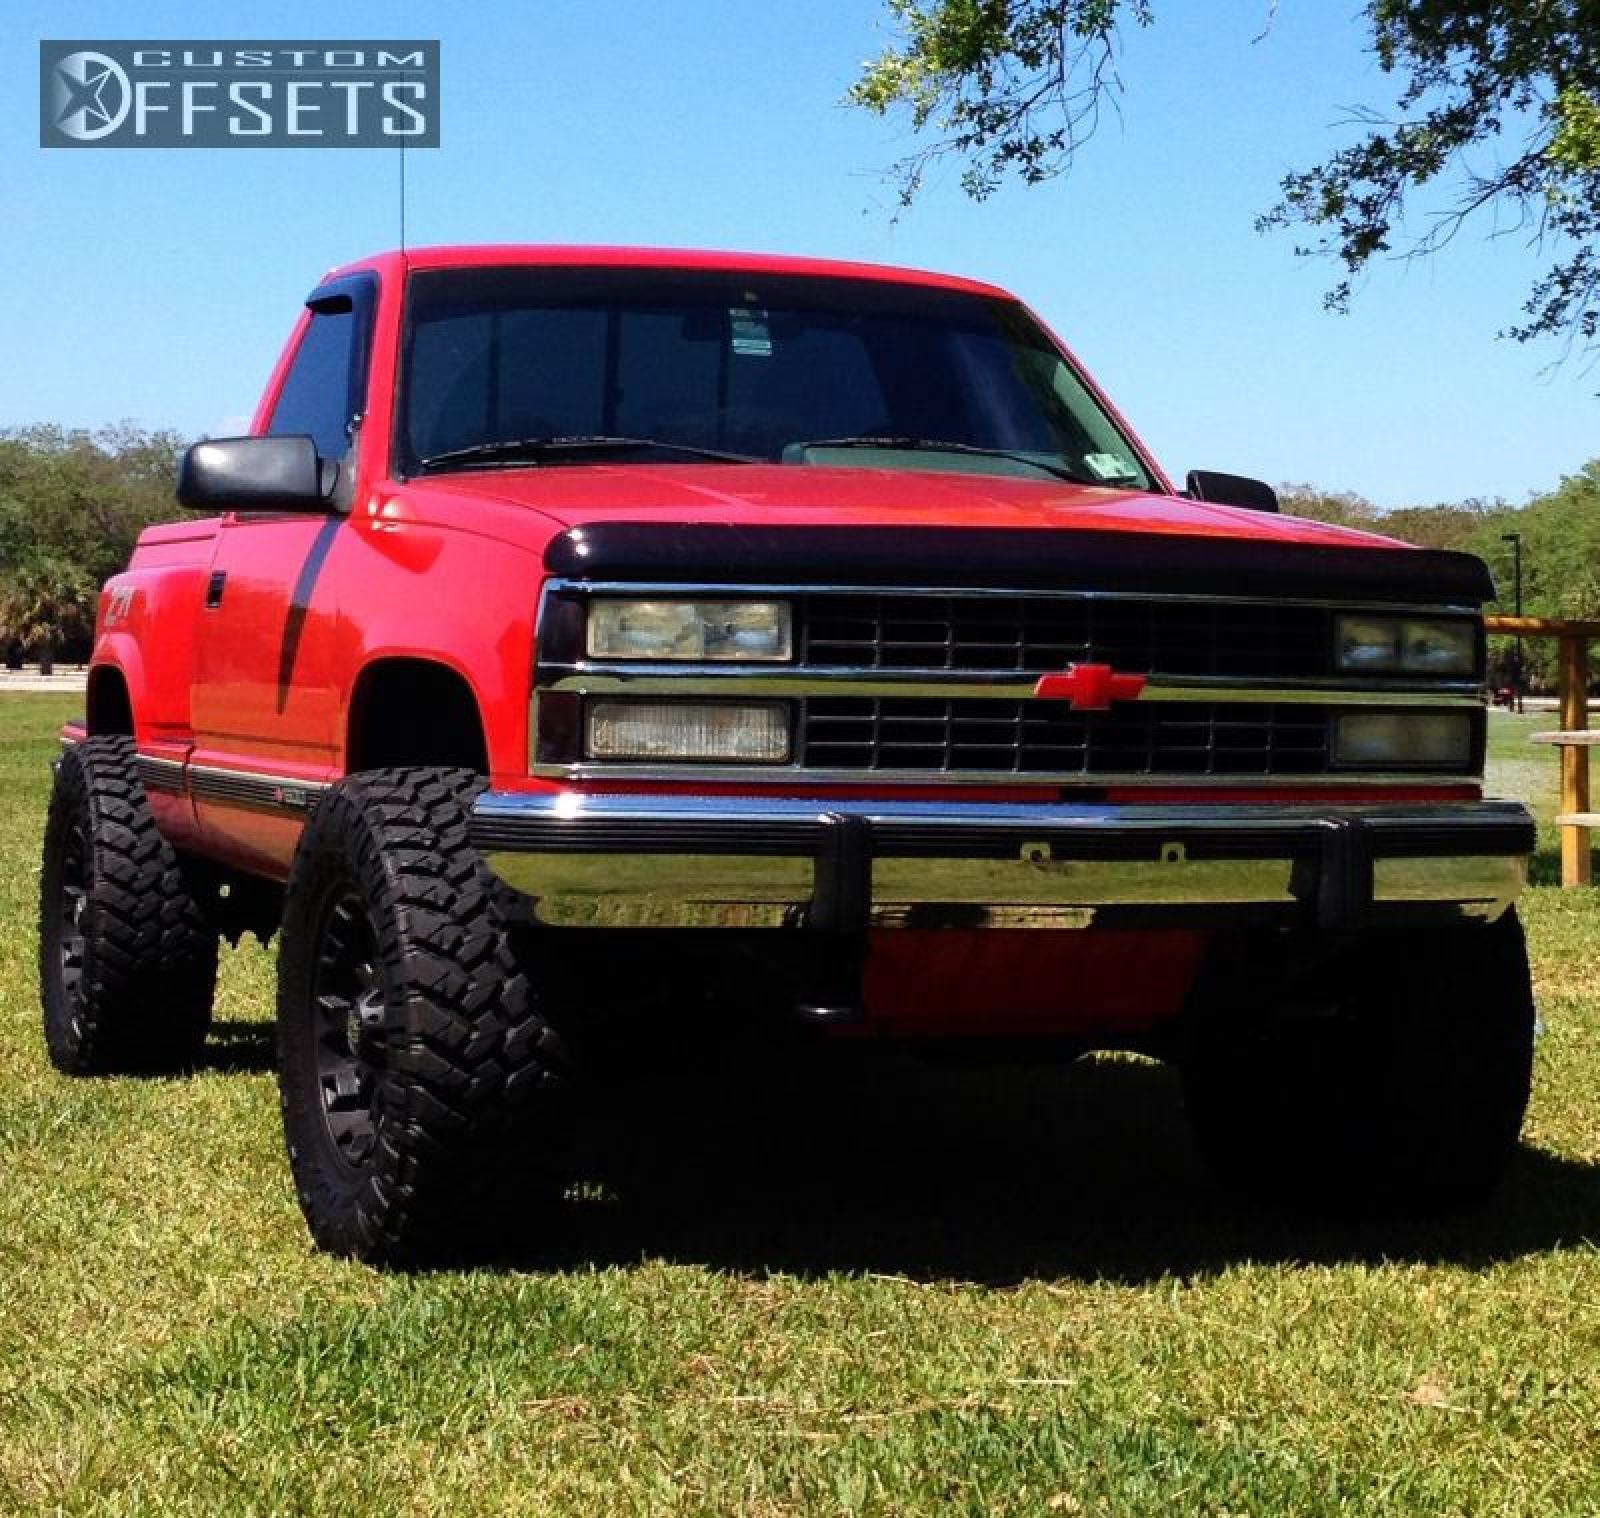 1993 Chevrolet G Series G30 Camshaft: 1993 Chevrolet C/K 1500 Series